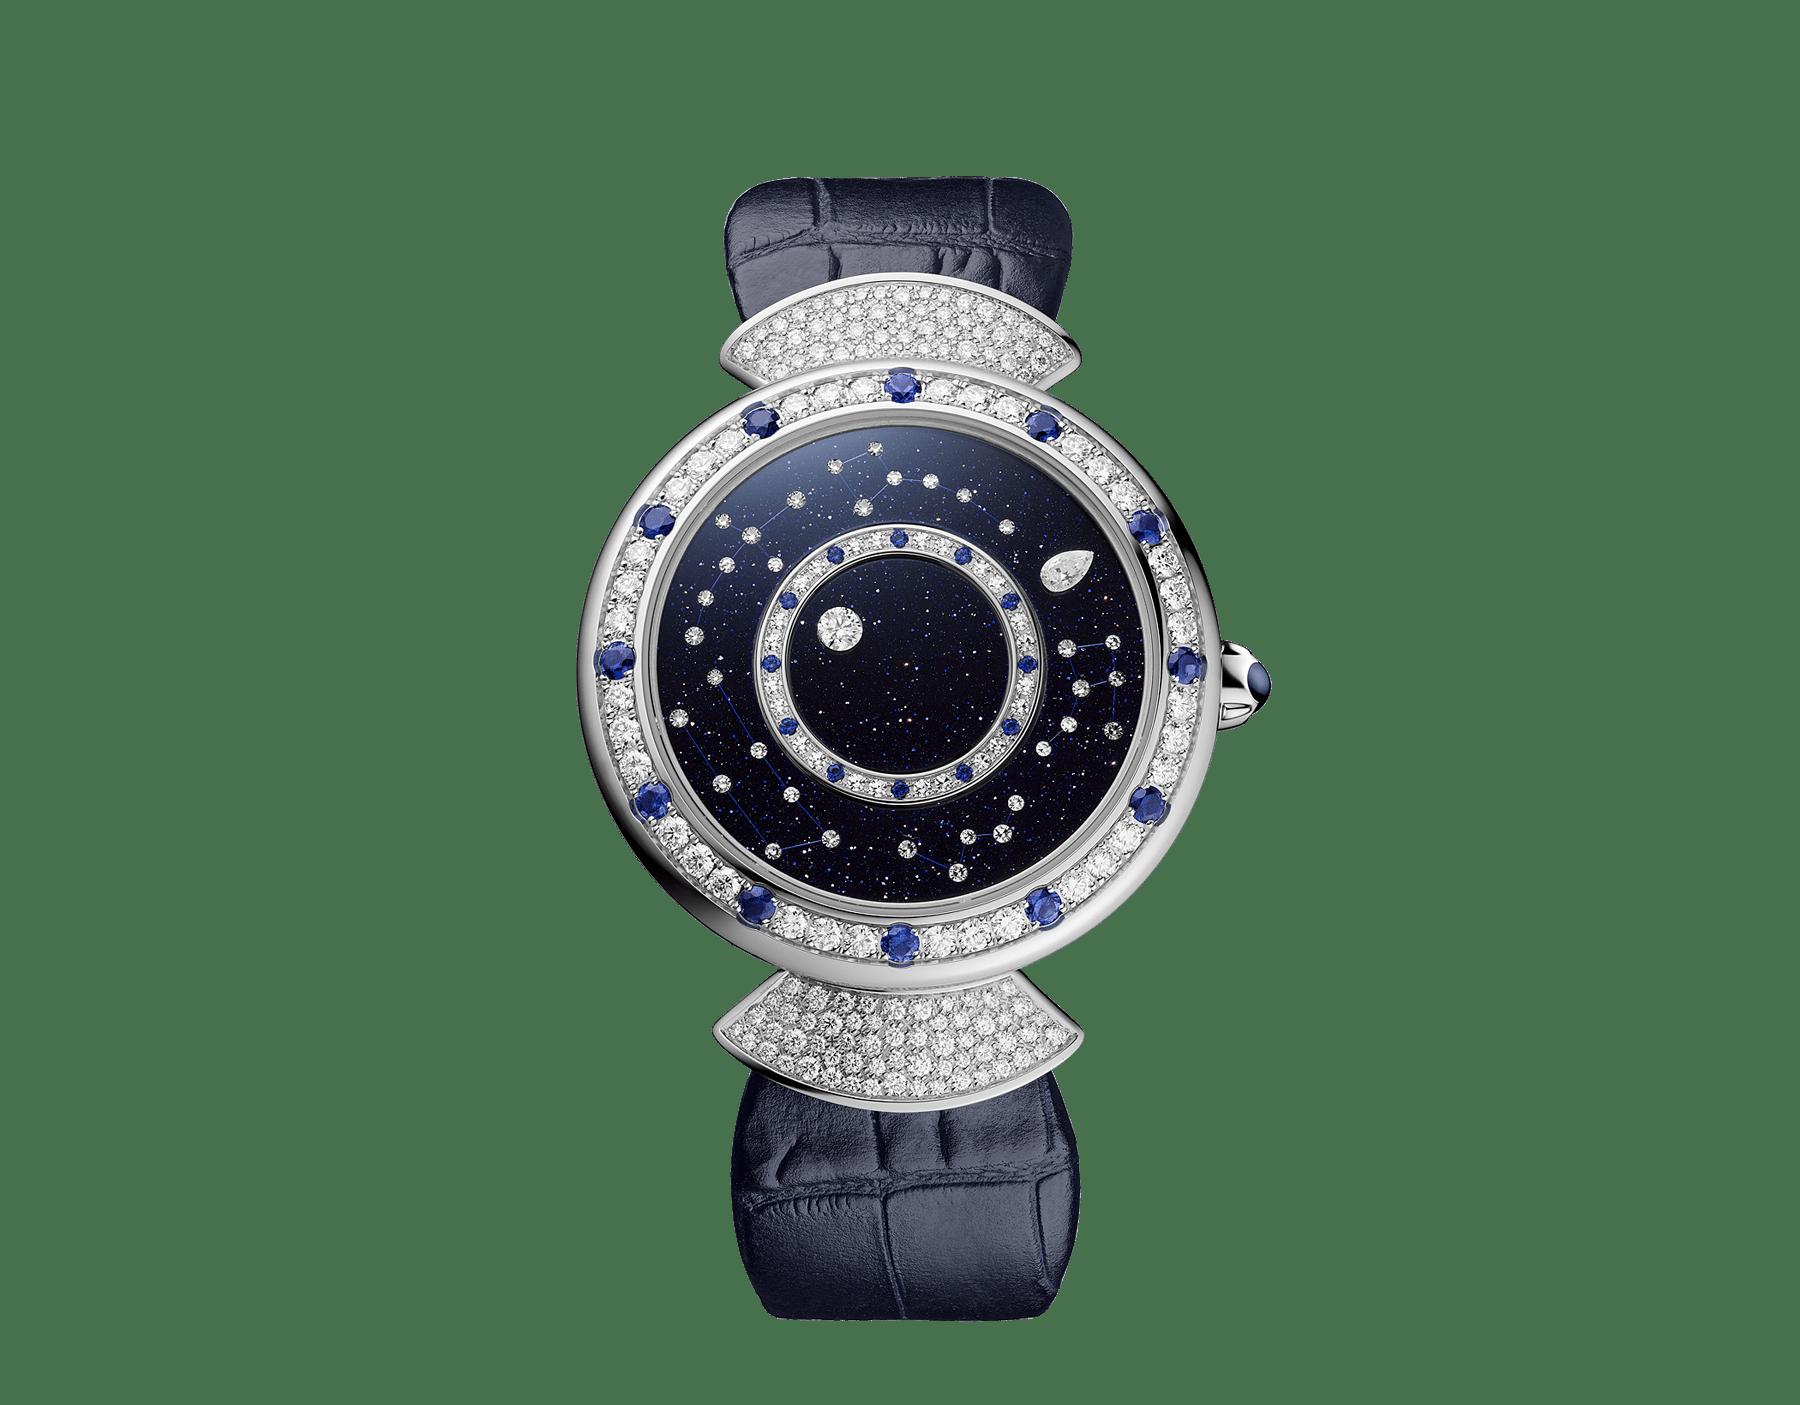 Relógio DIVAS' DREAM com movimento de manufatura mecânico, corda automática, caixa em ouro branco 18K cravejada com diamantes redondos lapidação brilhante e safiras, discos giratórios em aventurina com diamantes e constelações impressas e pulseira em couro de jacaré azul-escuro 102842 image 1